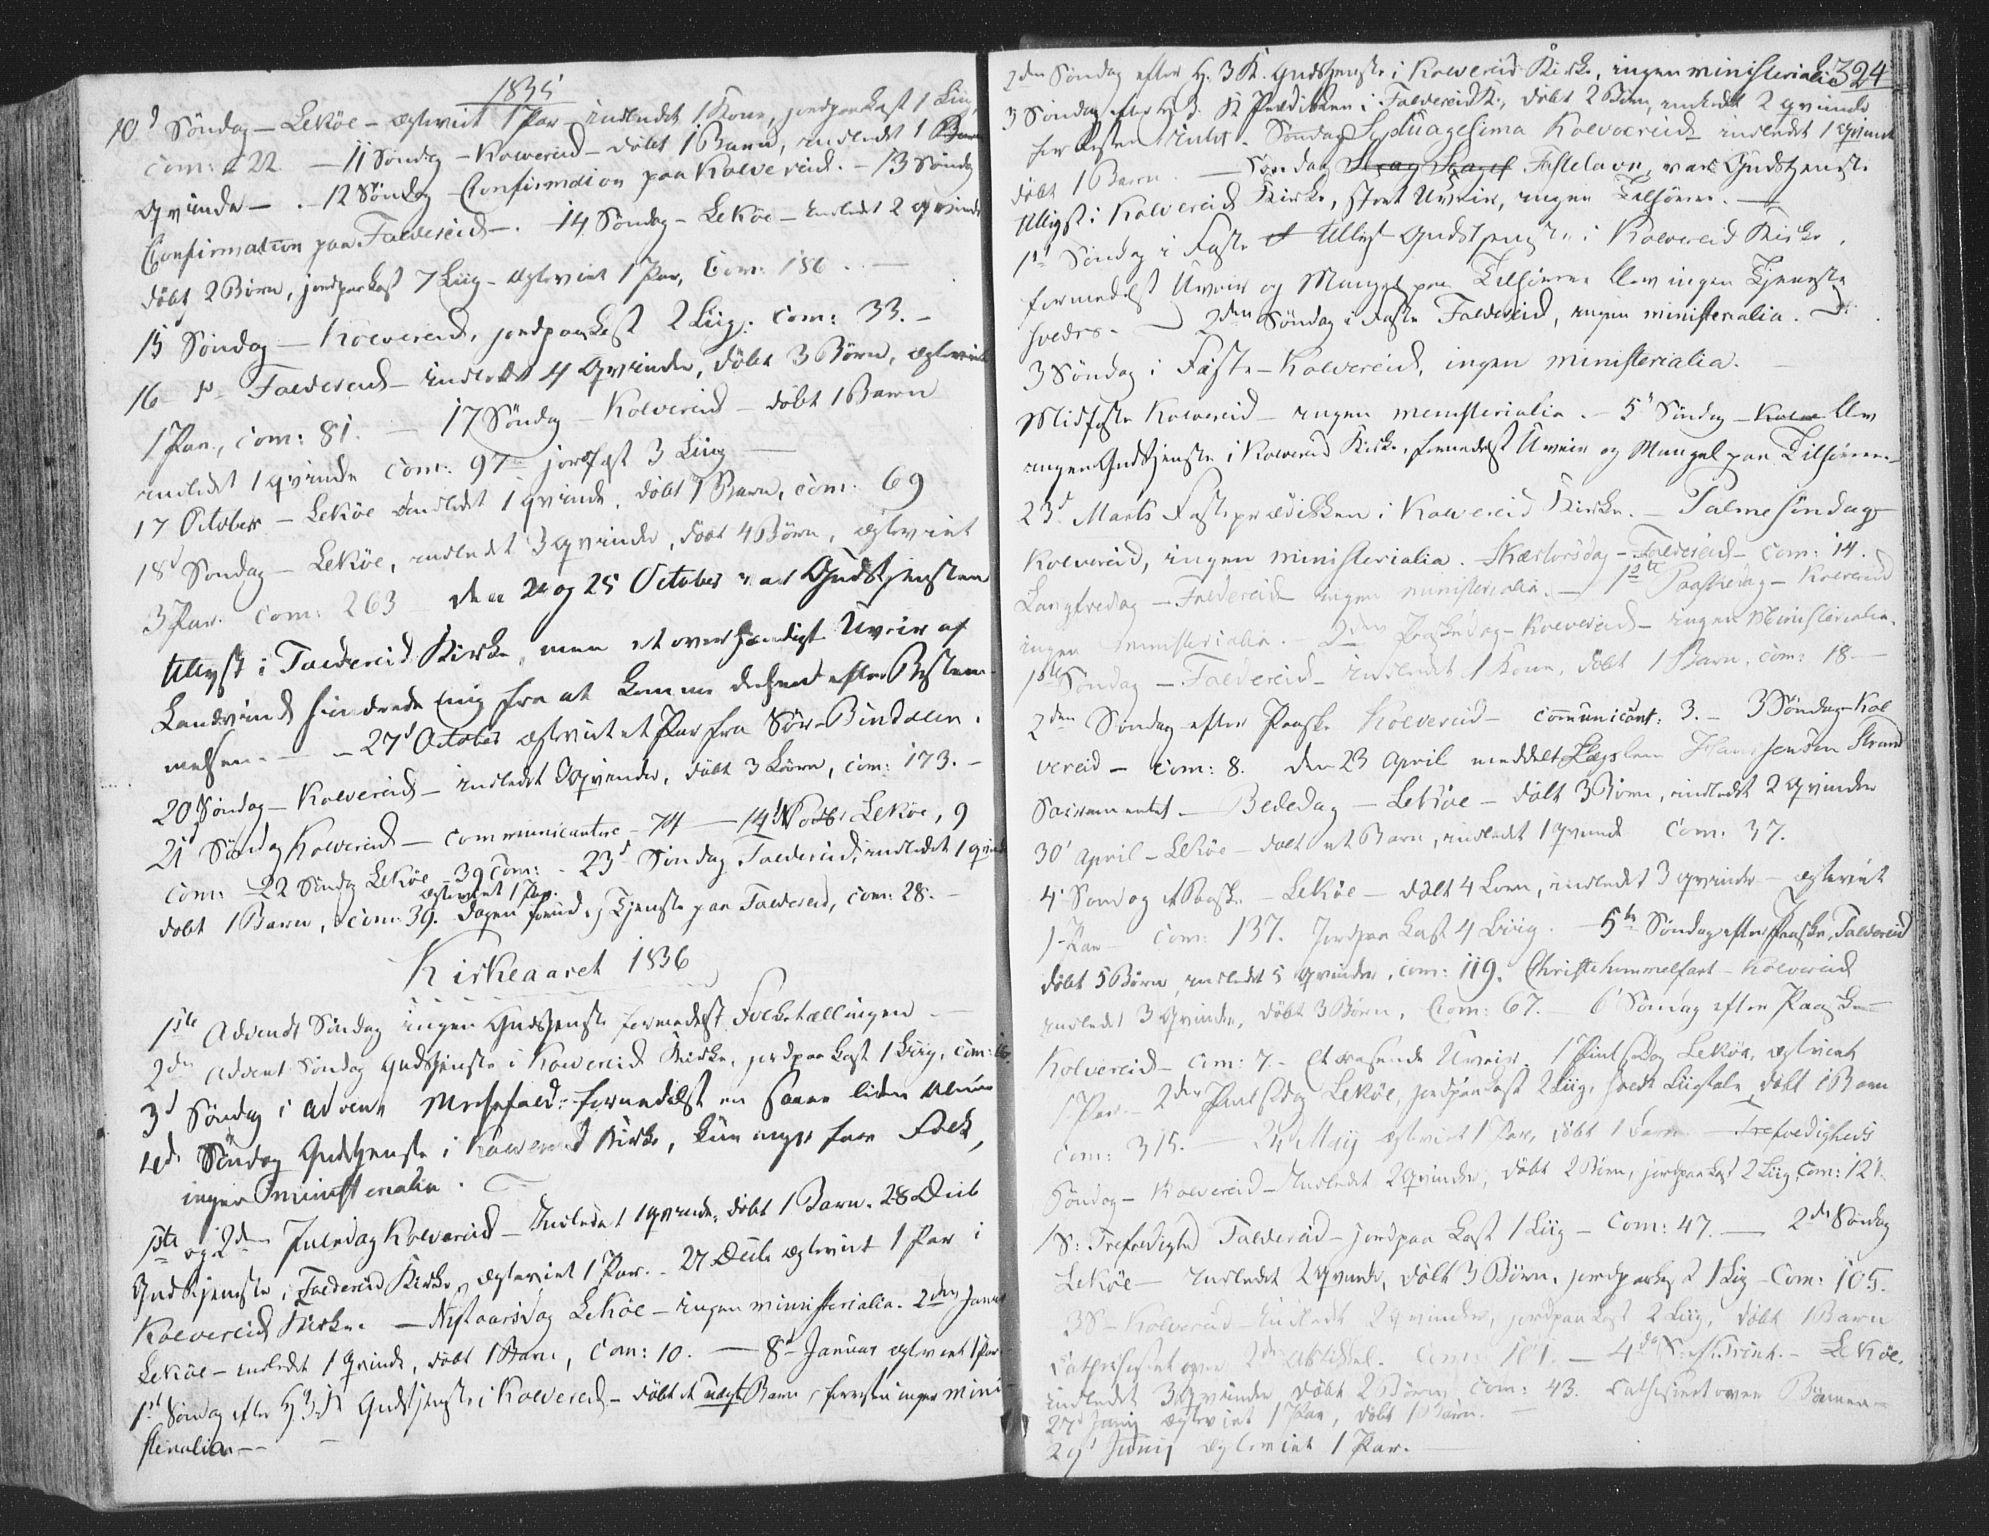 SAT, Ministerialprotokoller, klokkerbøker og fødselsregistre - Nord-Trøndelag, 780/L0639: Ministerialbok nr. 780A04, 1830-1844, s. 324